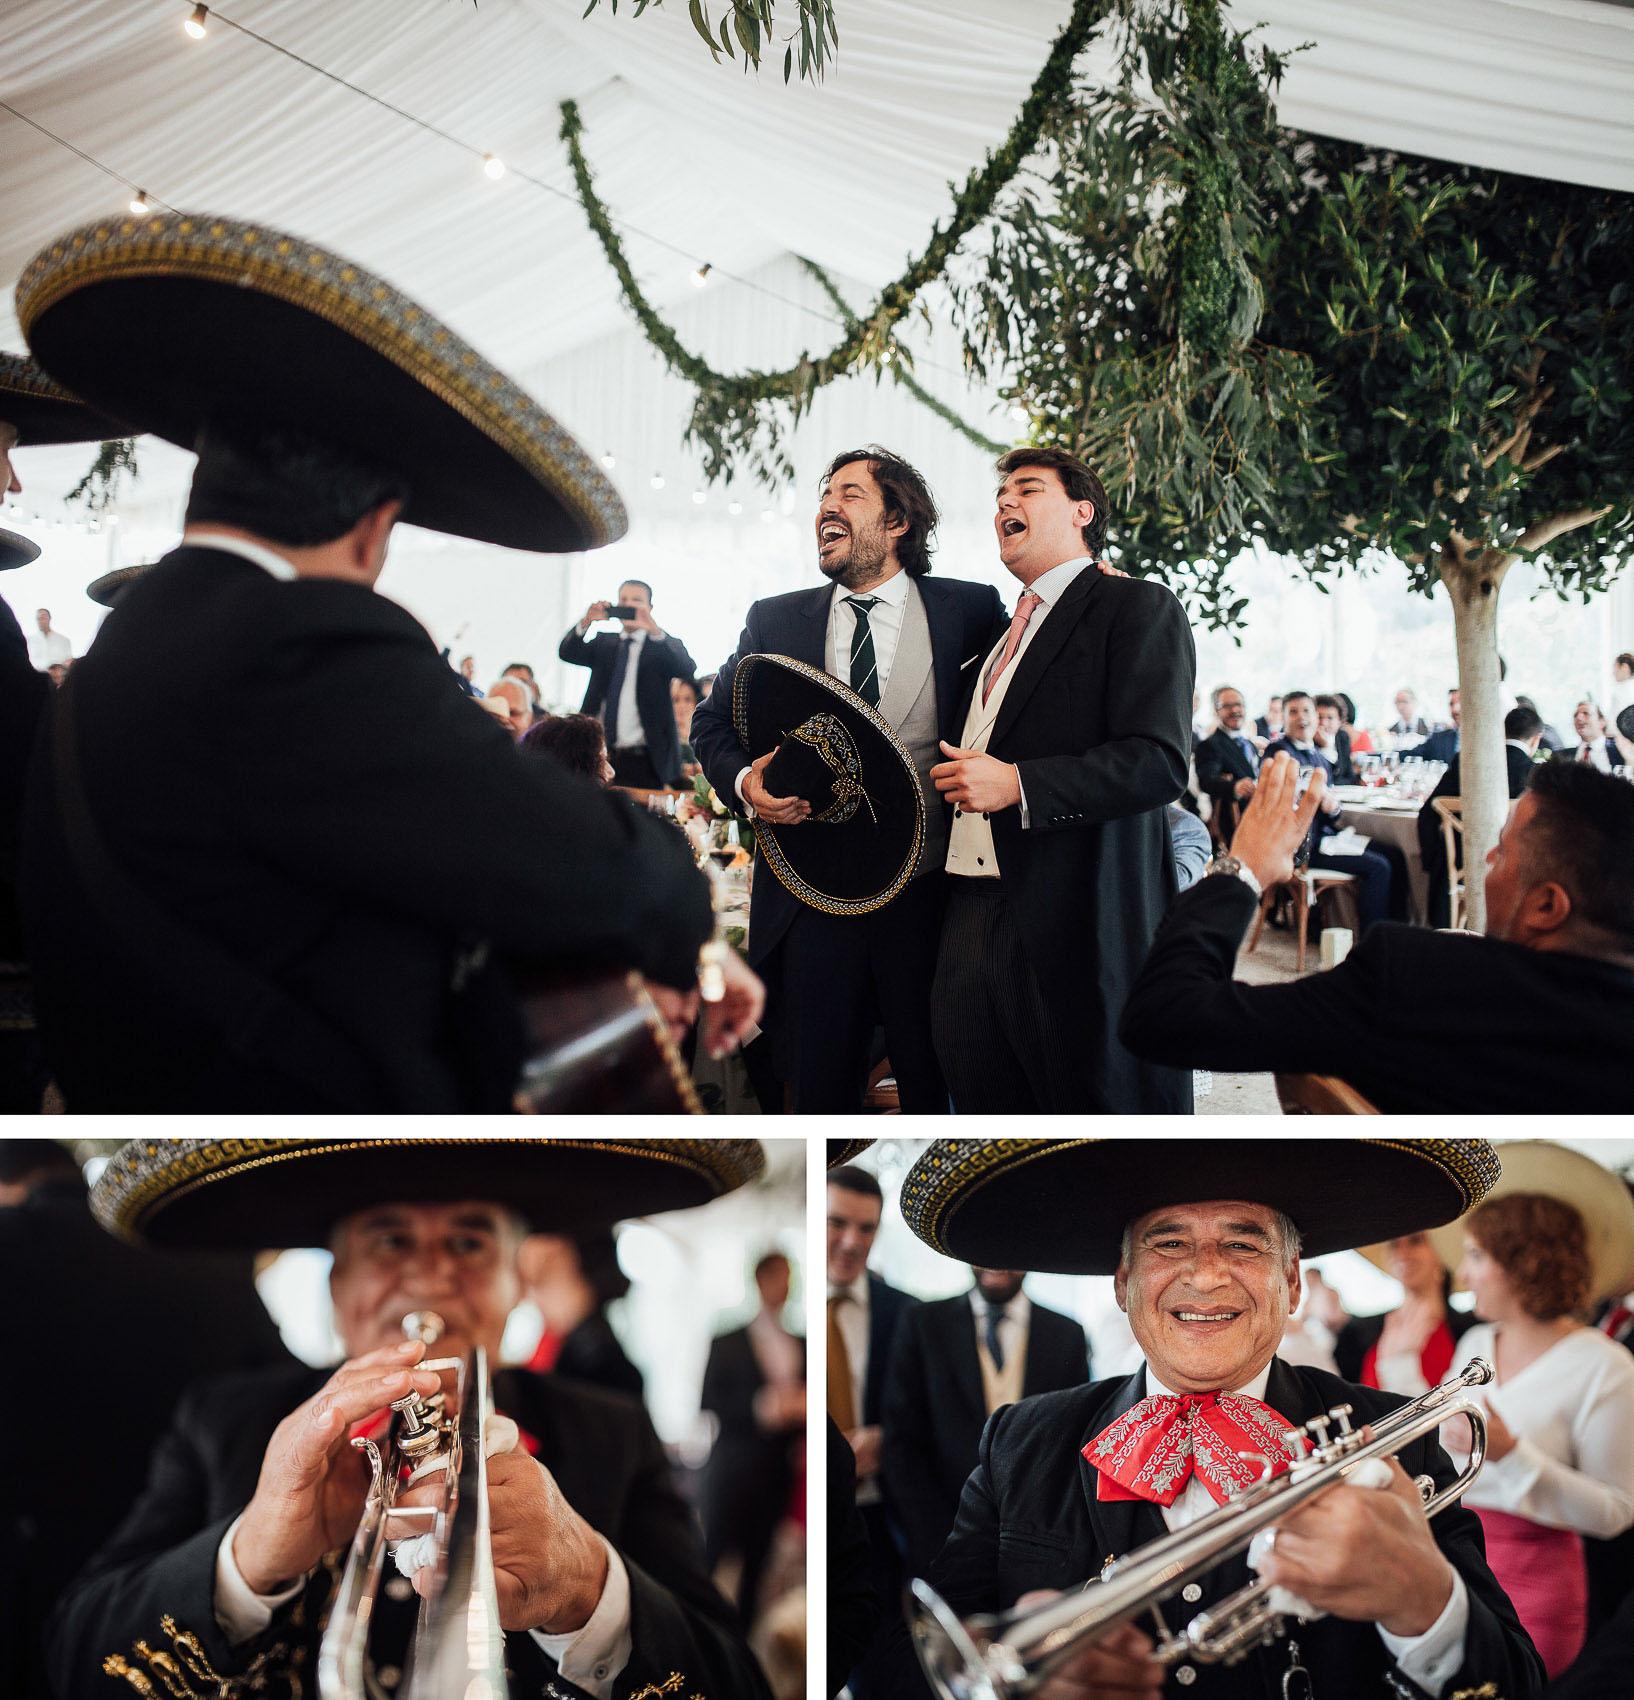 novio cantando ranchera mariachis musica directo boda